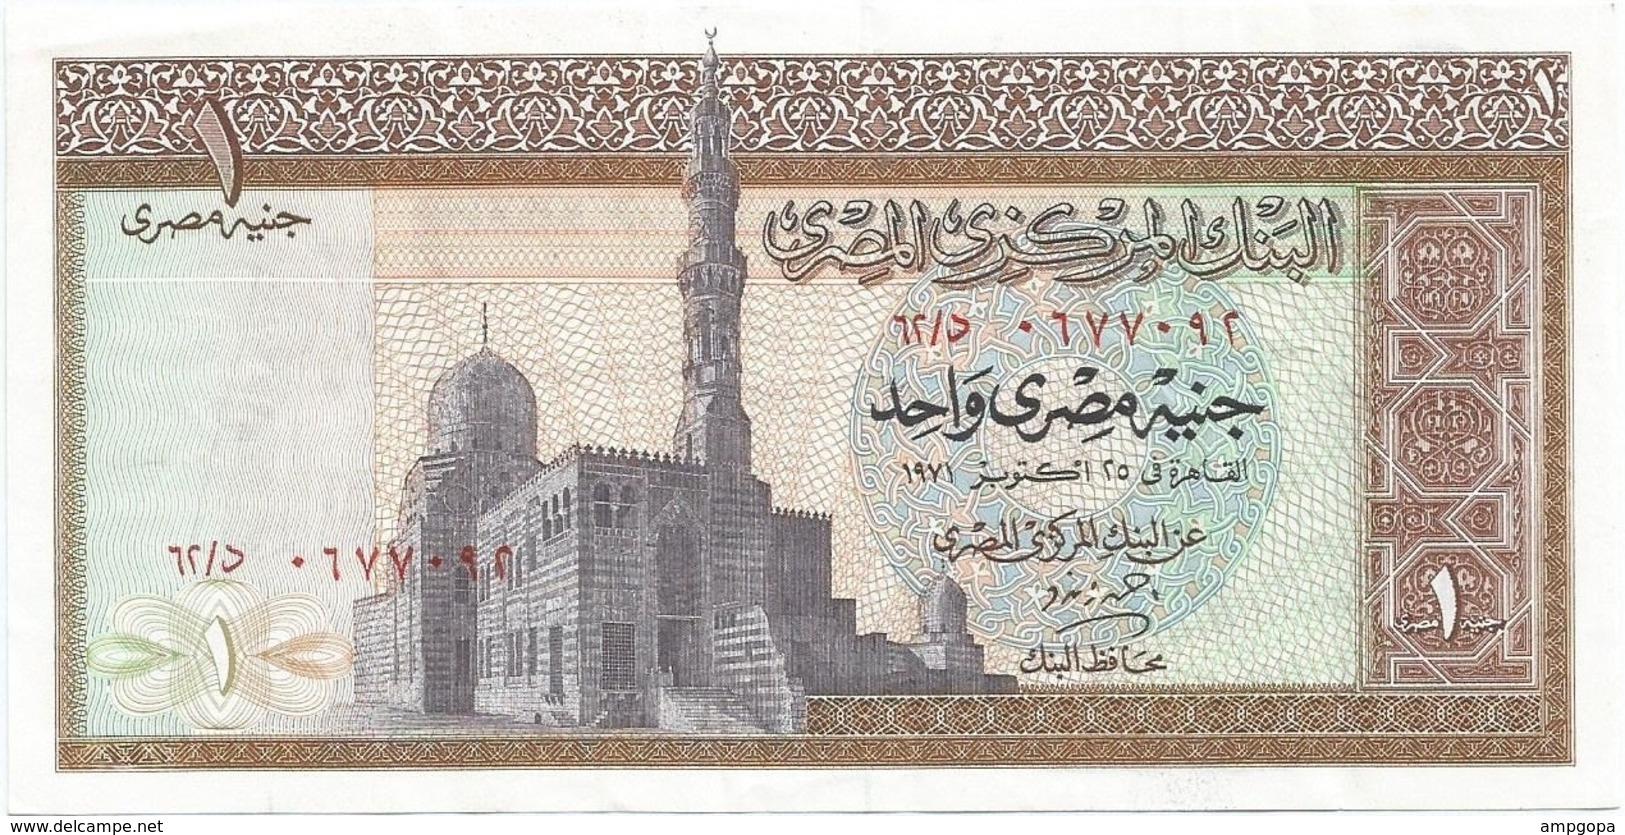 Egipto - Egypt 1 Pound 1971 Pk 44 A.2 Ref 1340 - Egipto